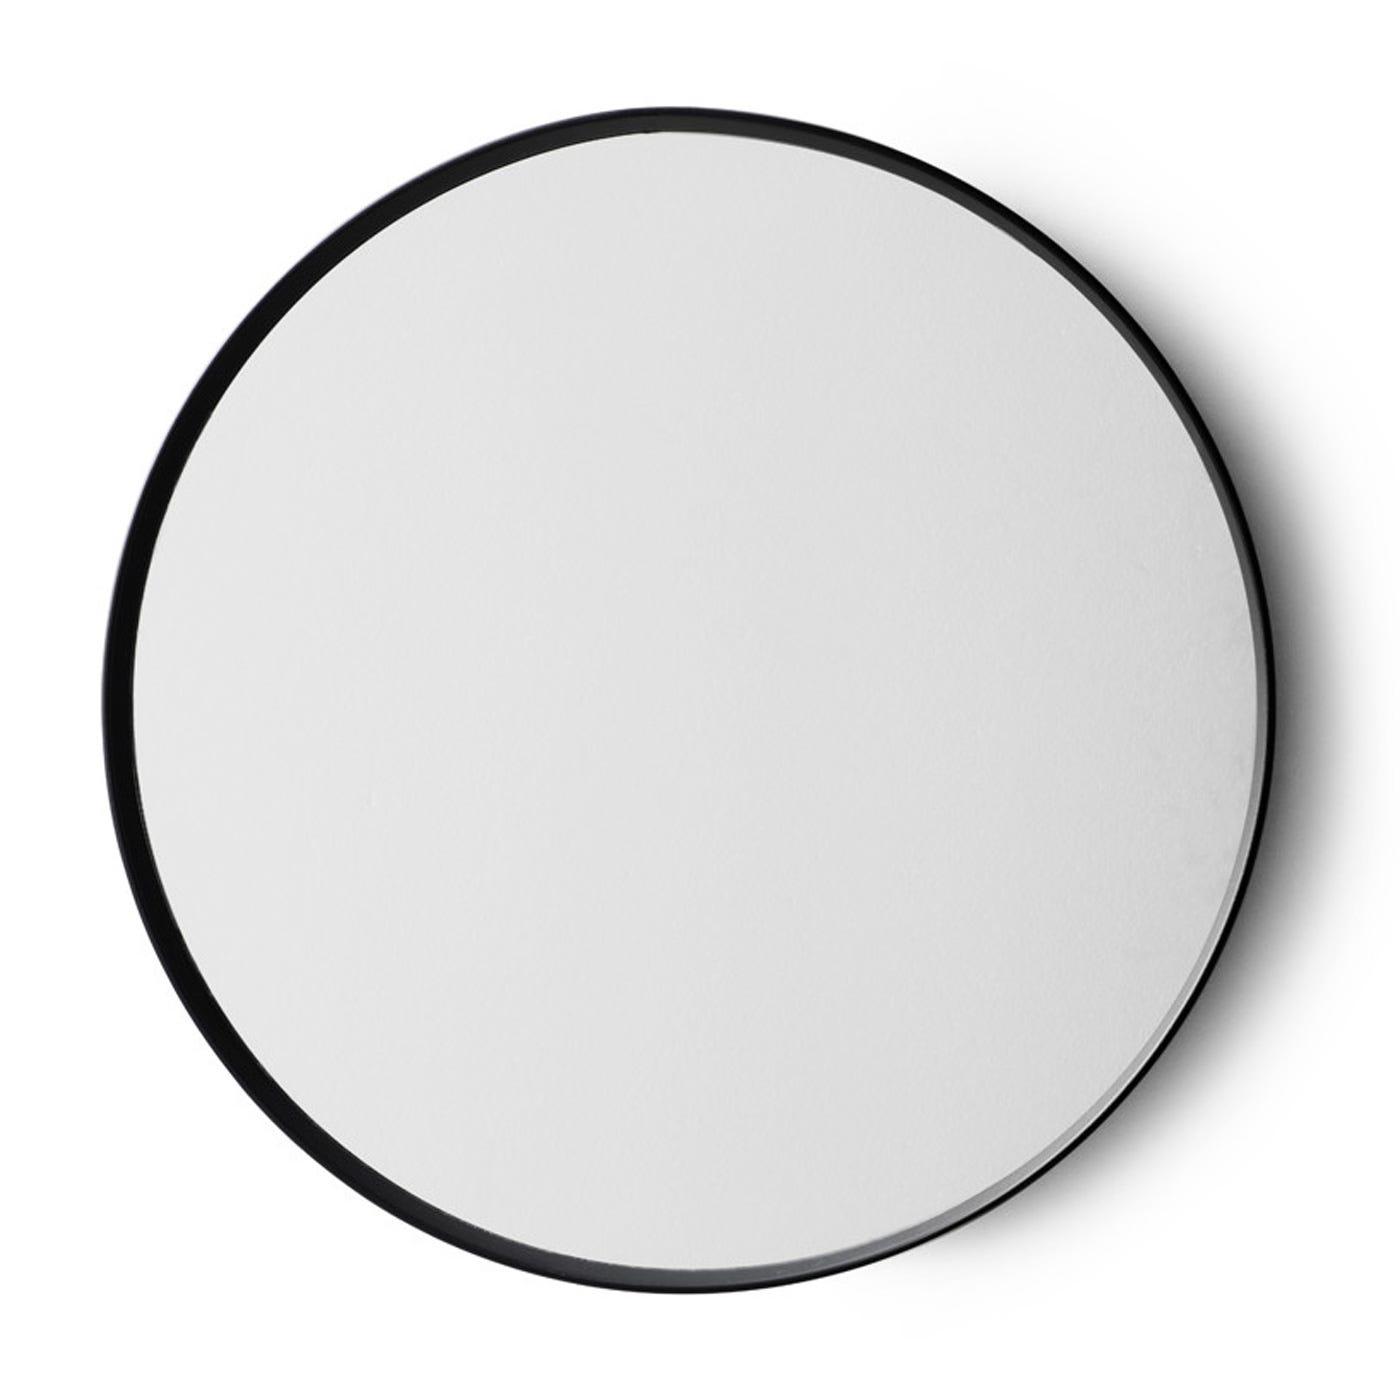 Norm Black Round Mirror